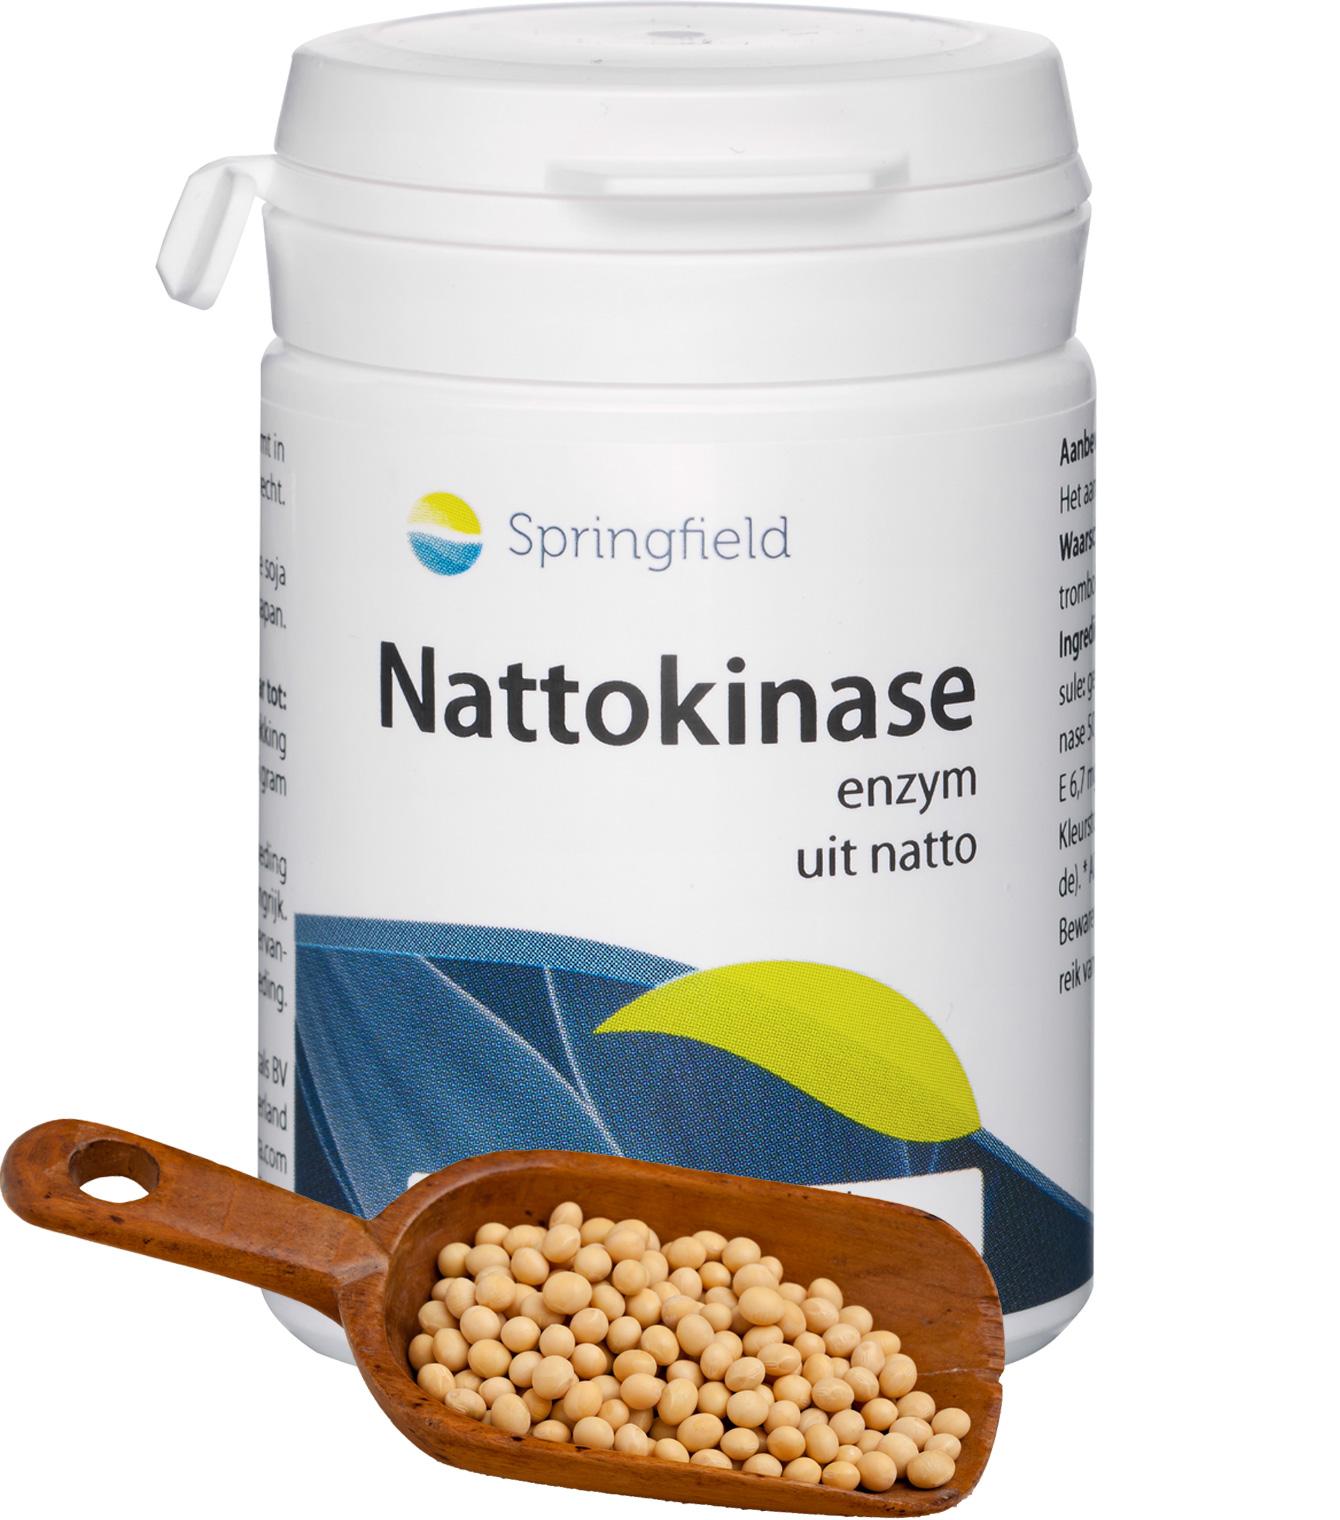 Nattokinase - Enzym - uit natto (gefermenteerde soja)